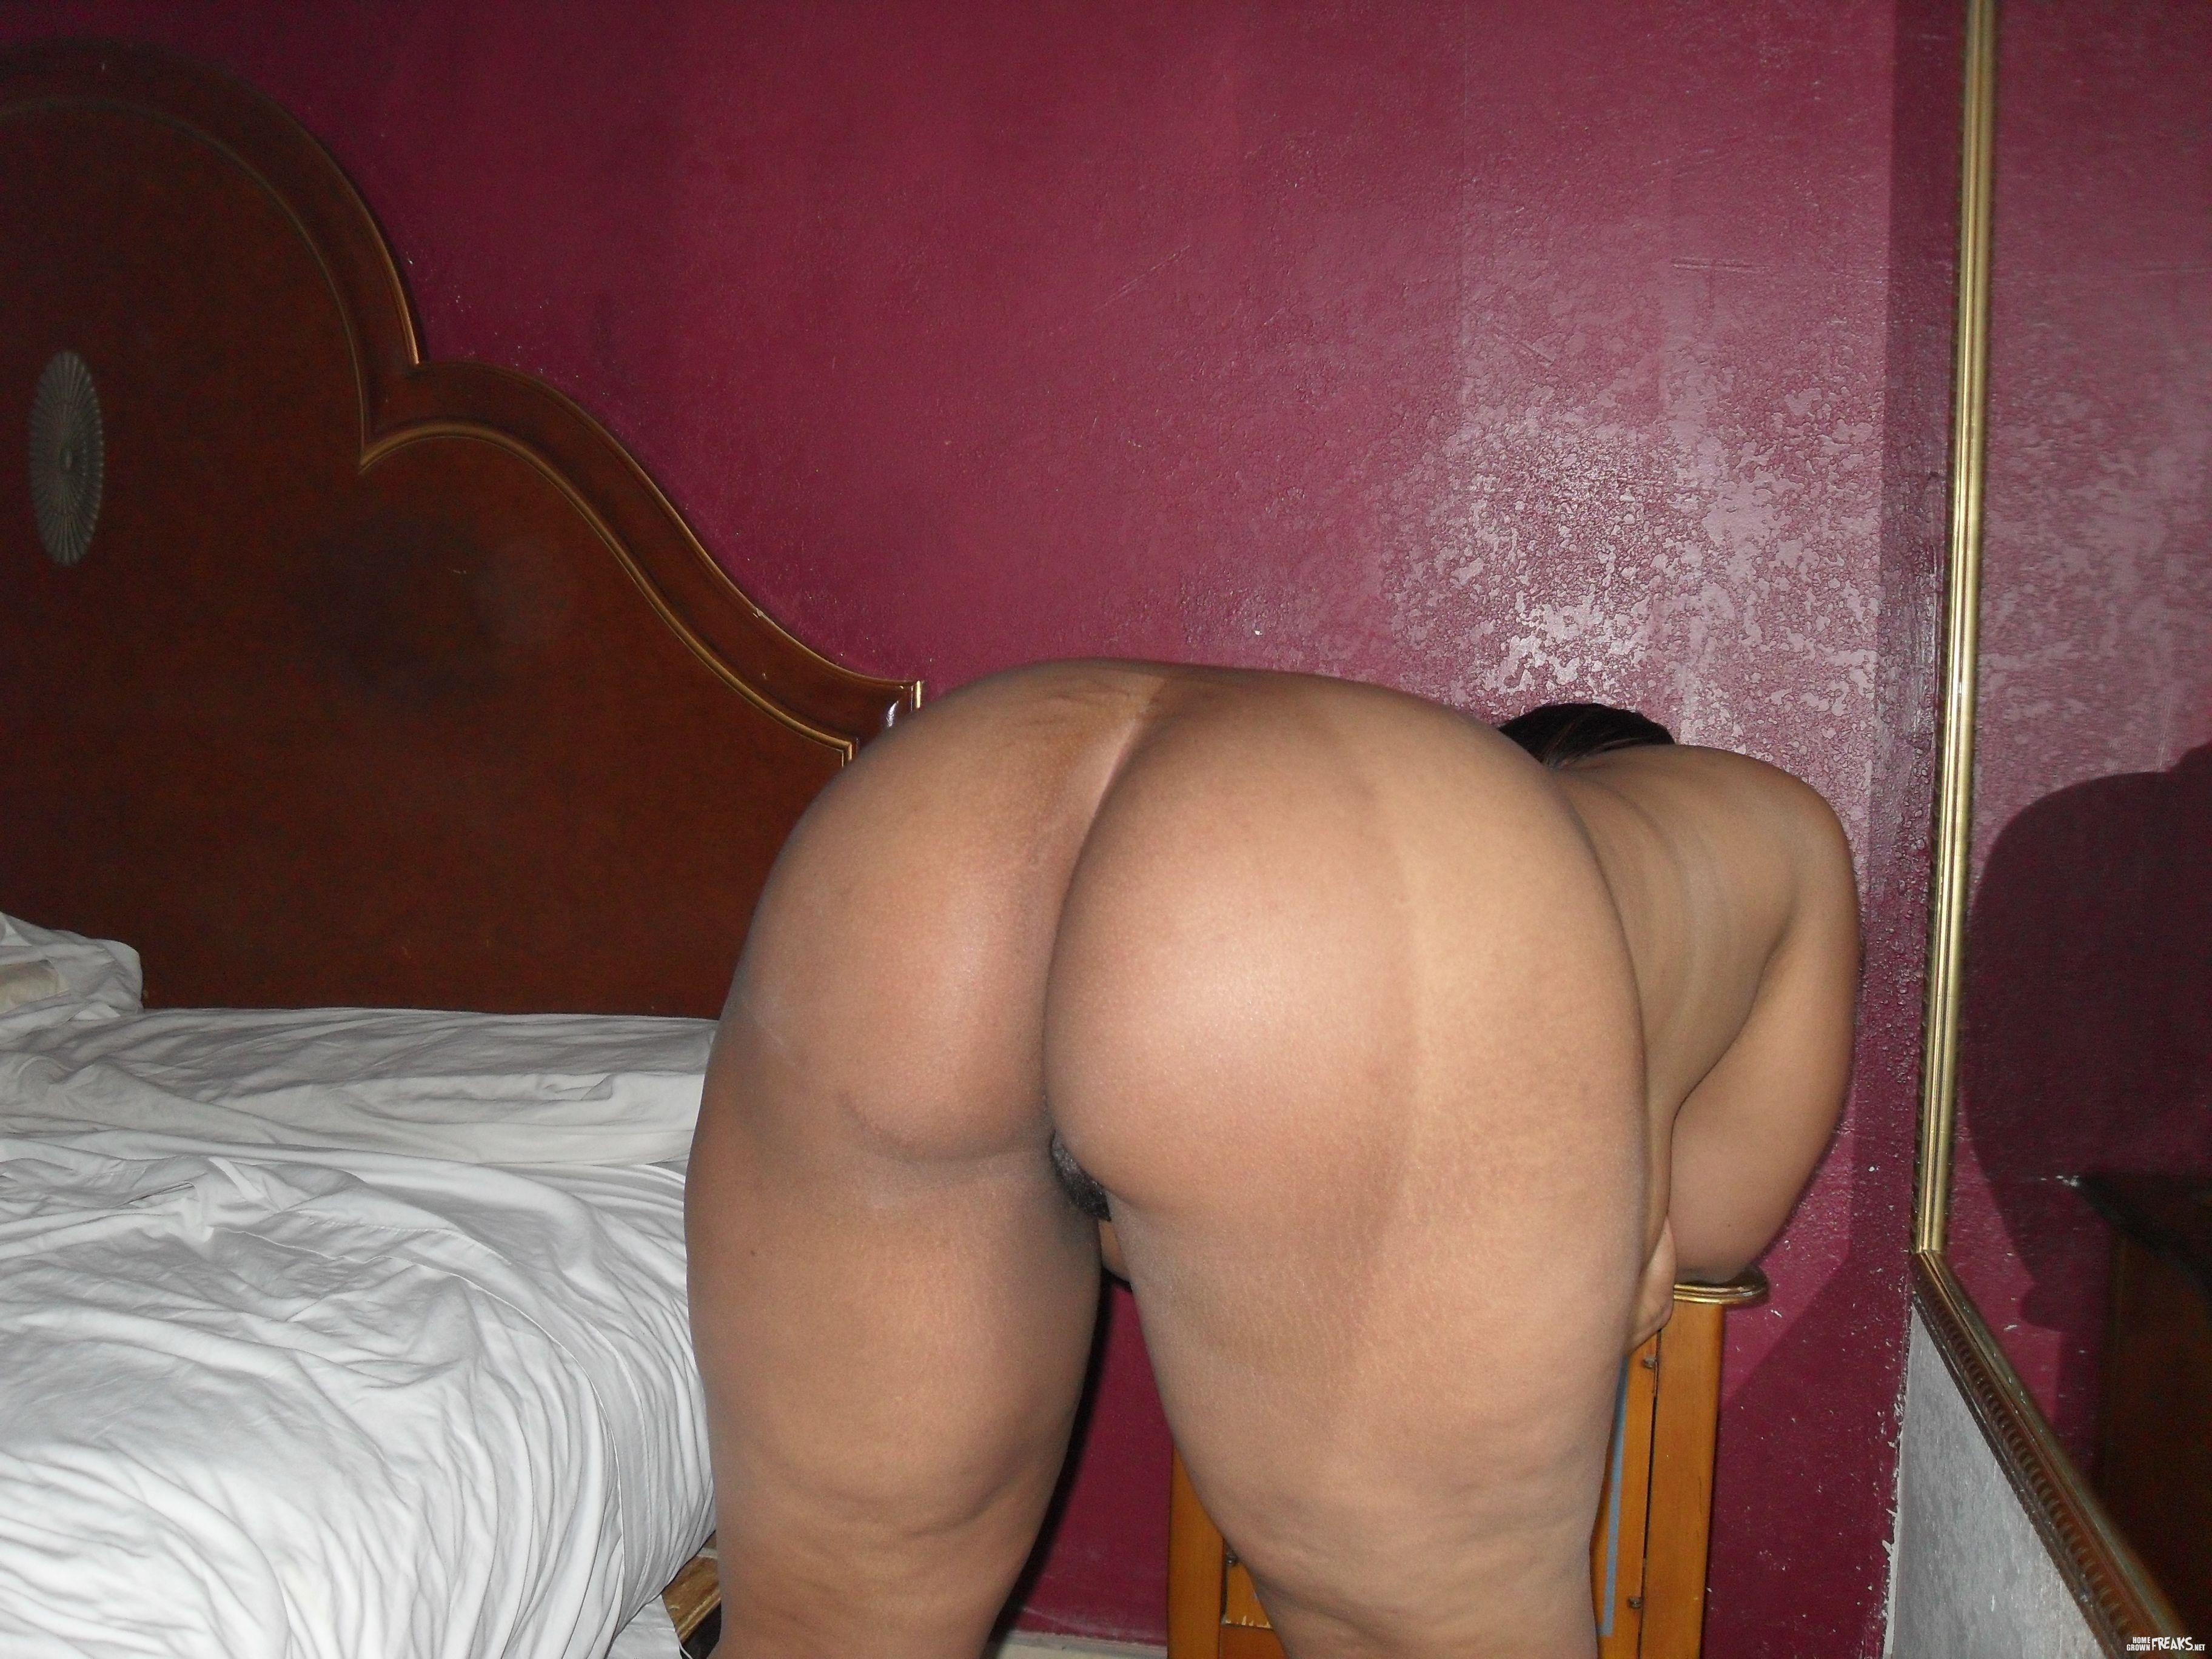 Lightskin fat ass